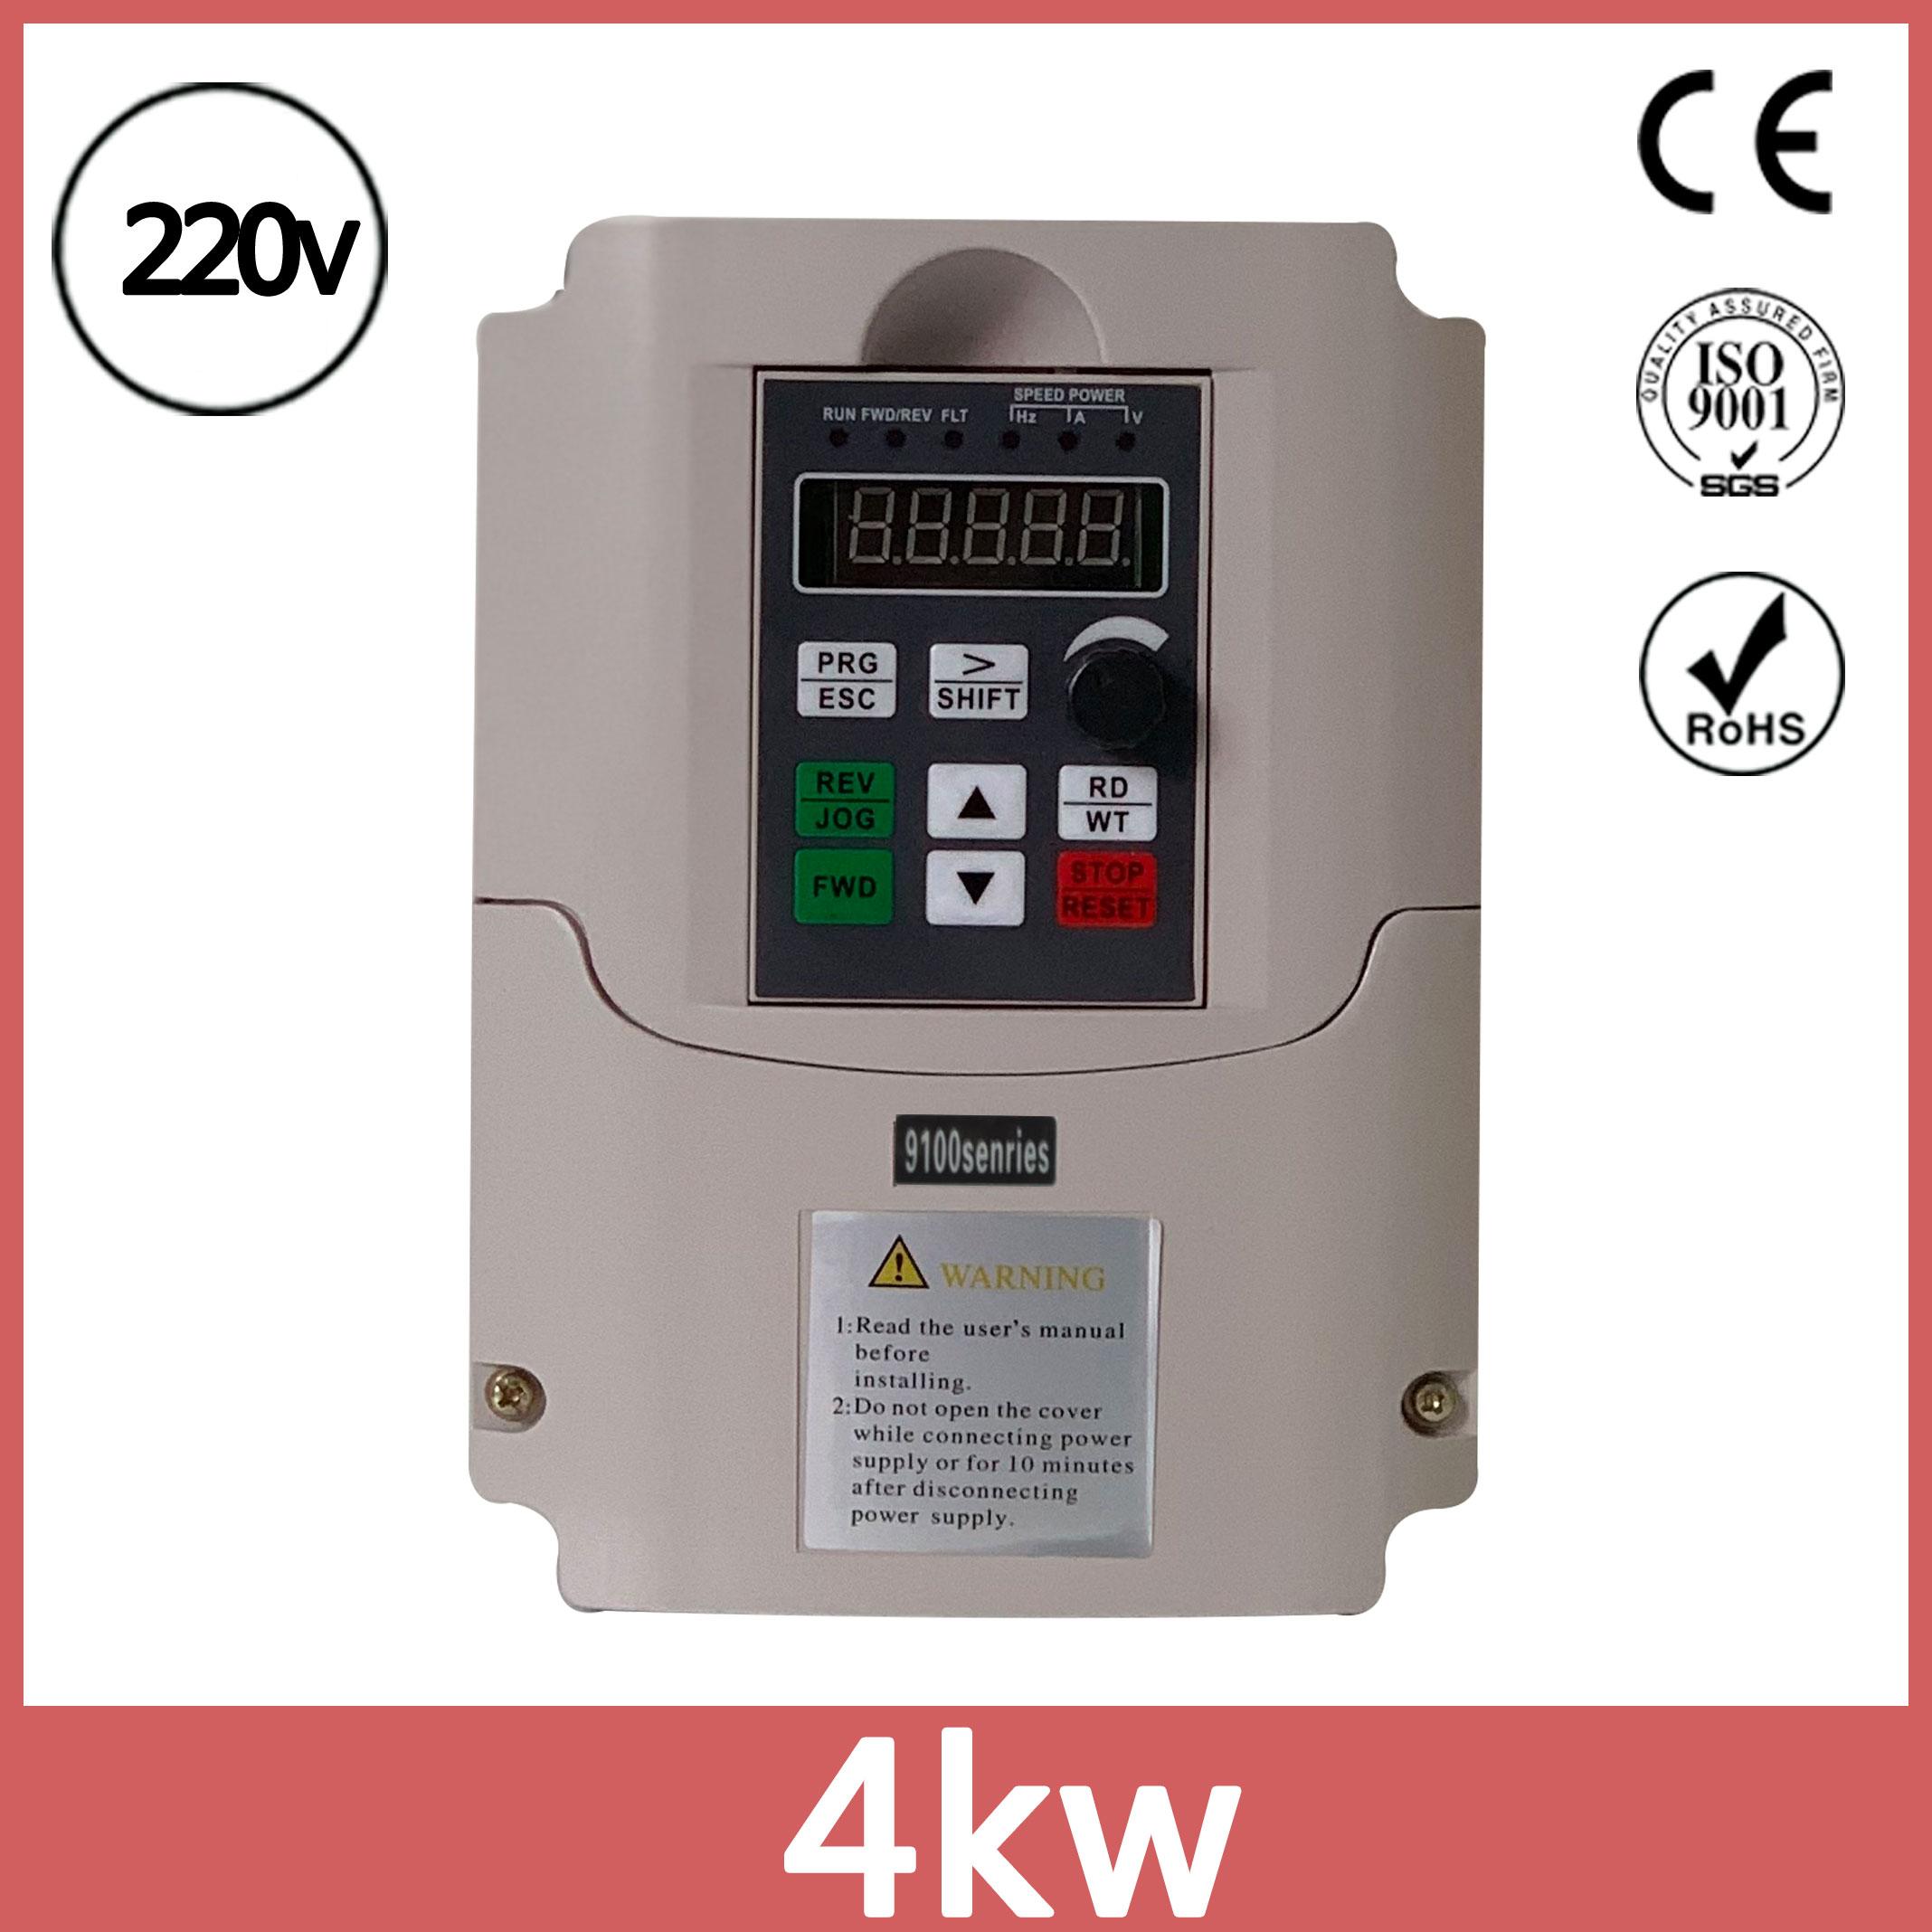 Omzetten 220V Eenfase Ingang 220V Drie Fase Uitgang 4kw Vfd Frequentieregelaar Inverter